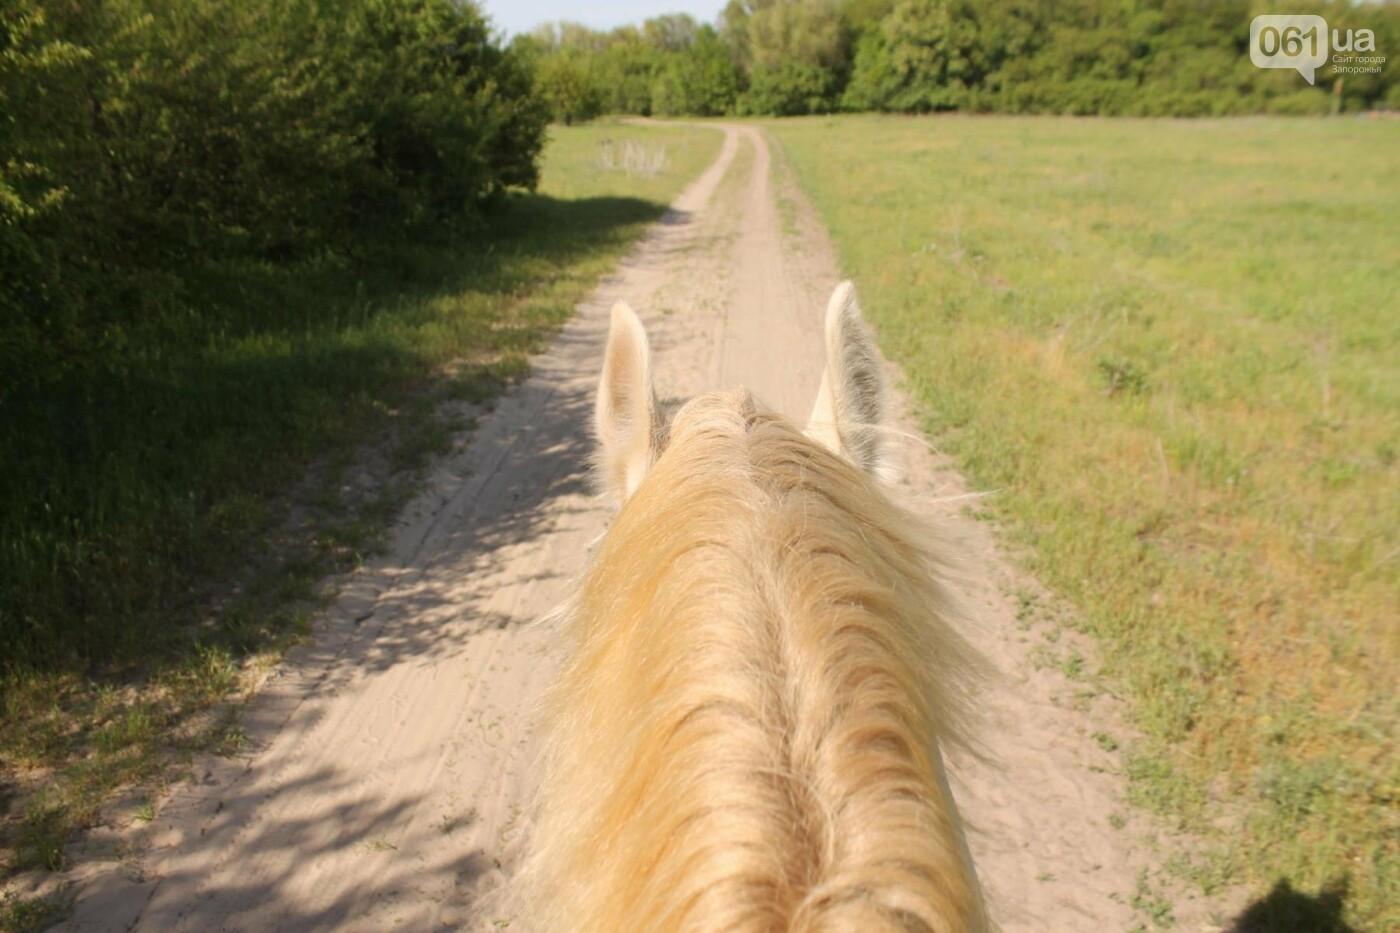 Незабываемое общение с лошадьми: экскурсия в конноспортивный клуб «Патриот», – ФОТОРЕПОРТАЖ, фото-17